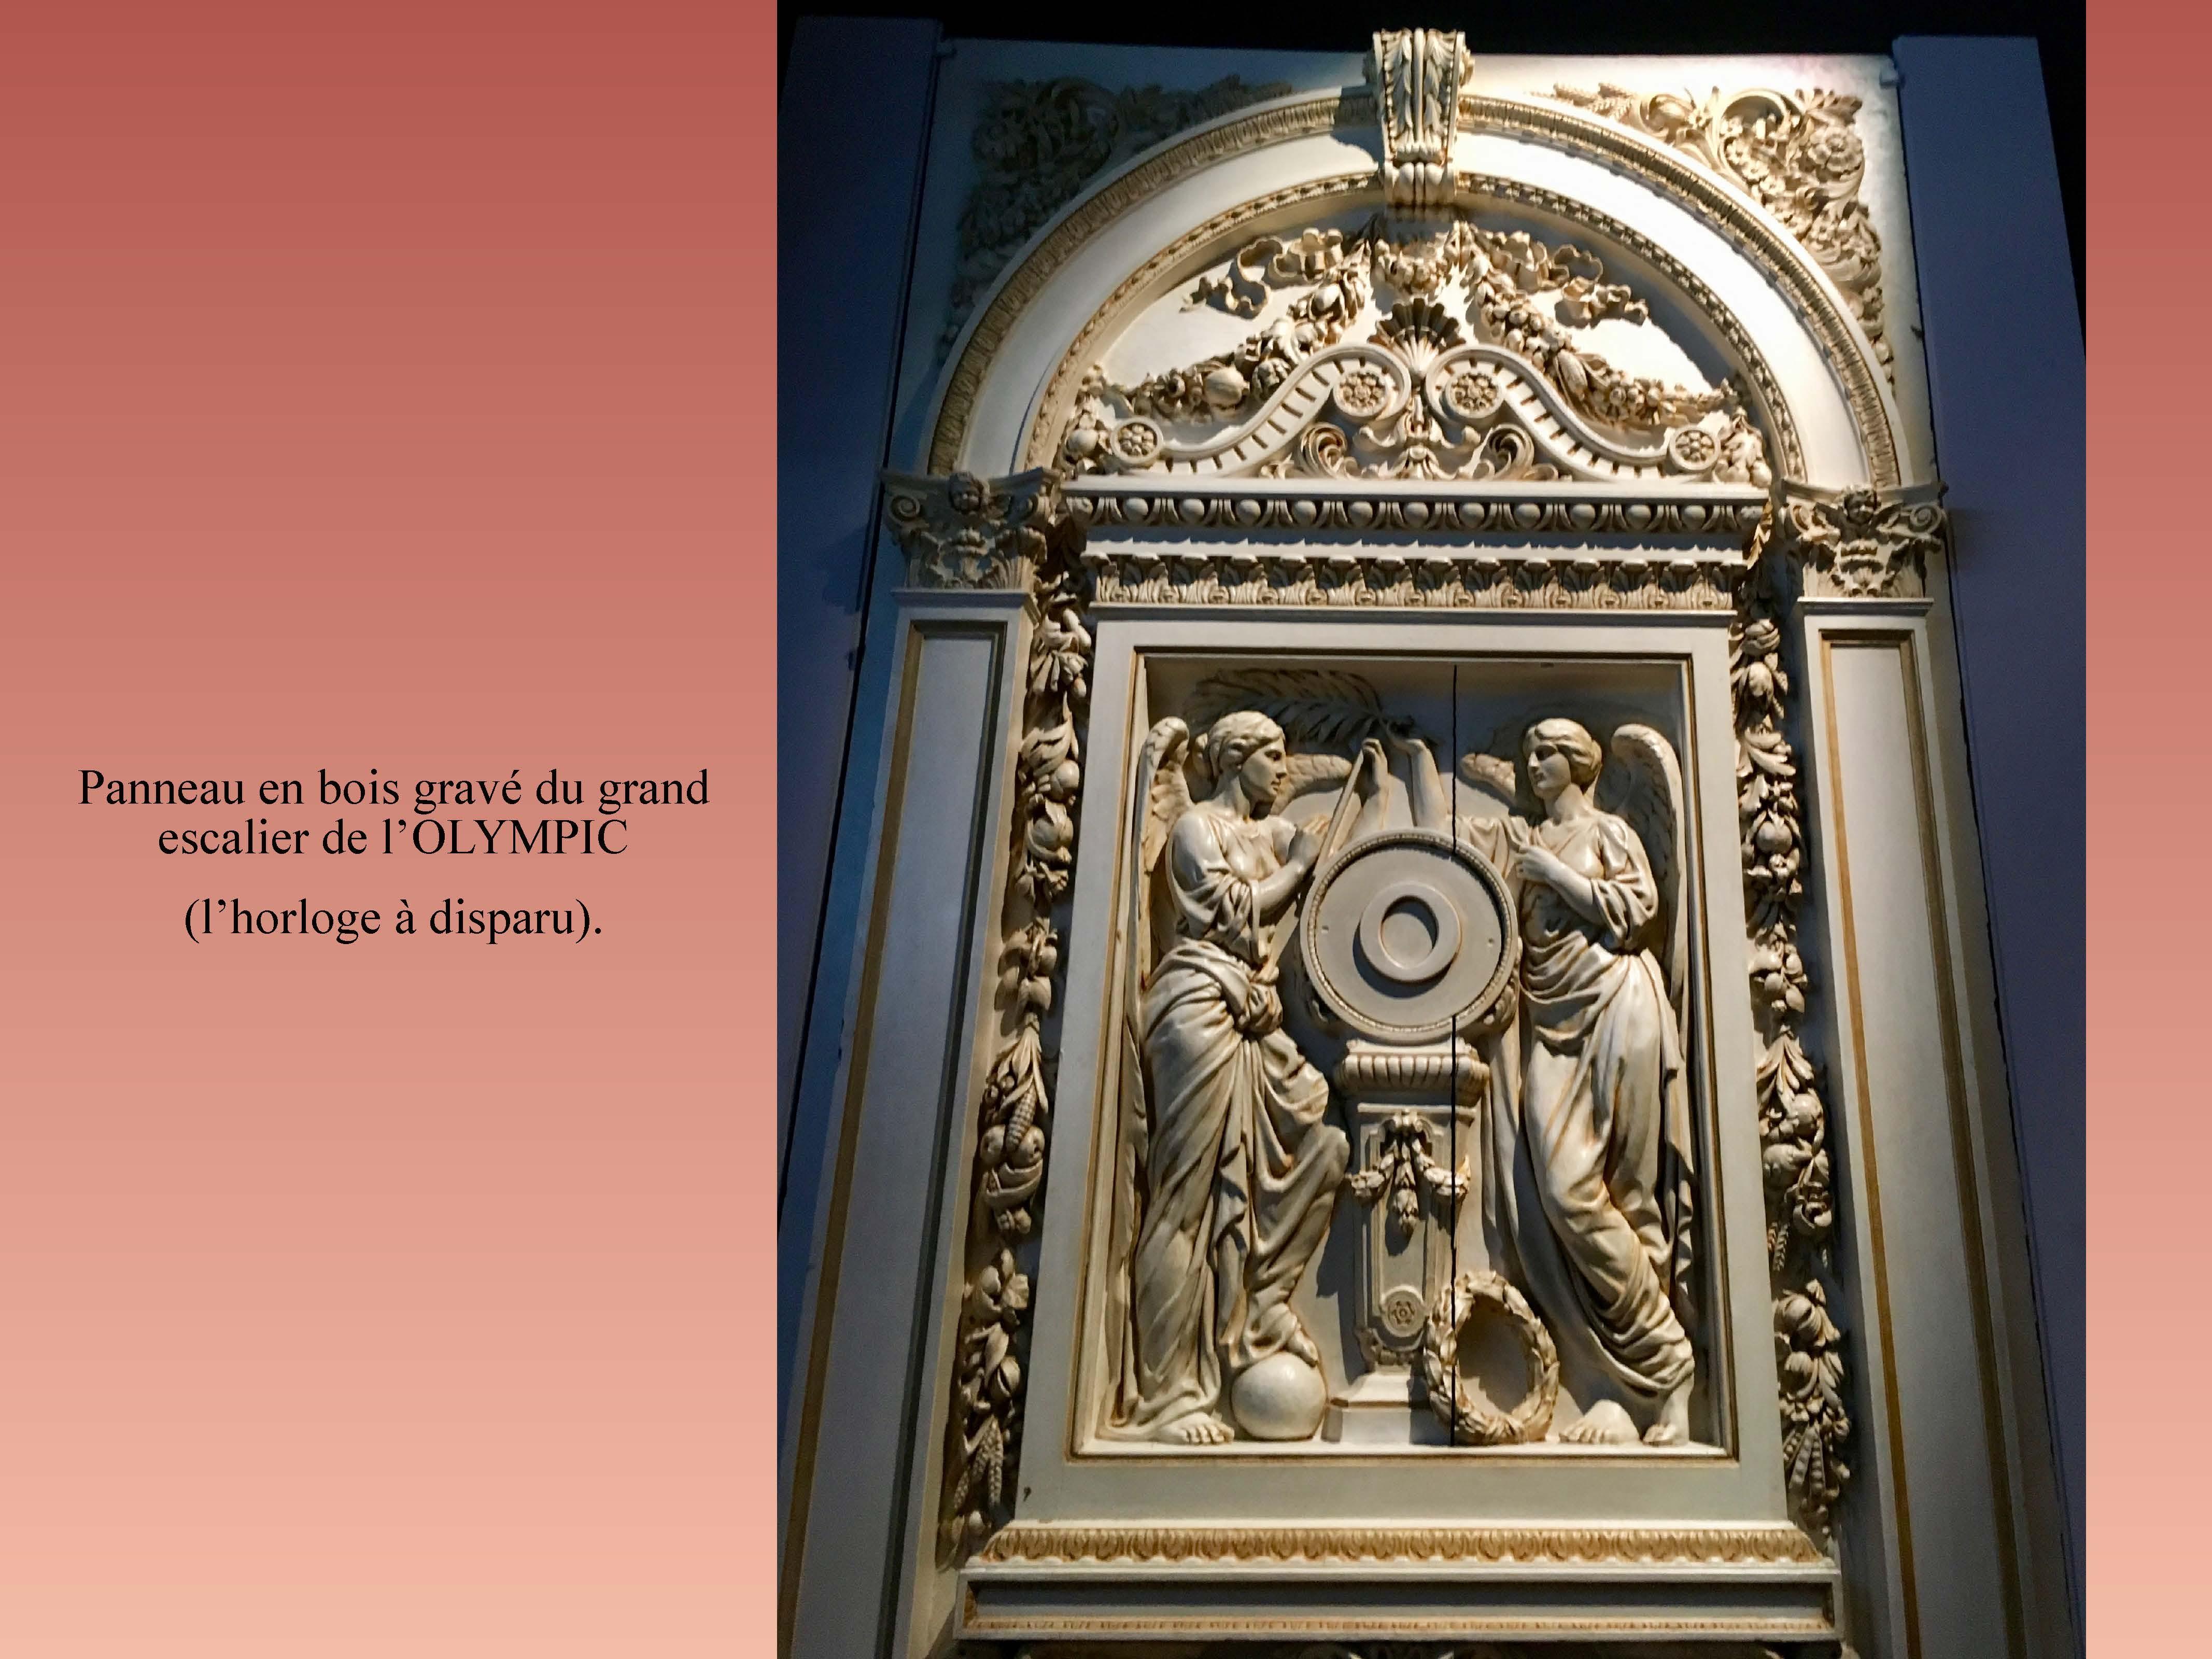 PAQUEBOT DU PASSÉ EXPOSITION AU VICTORIAN ET ALBERT MUSEUM_Page_11